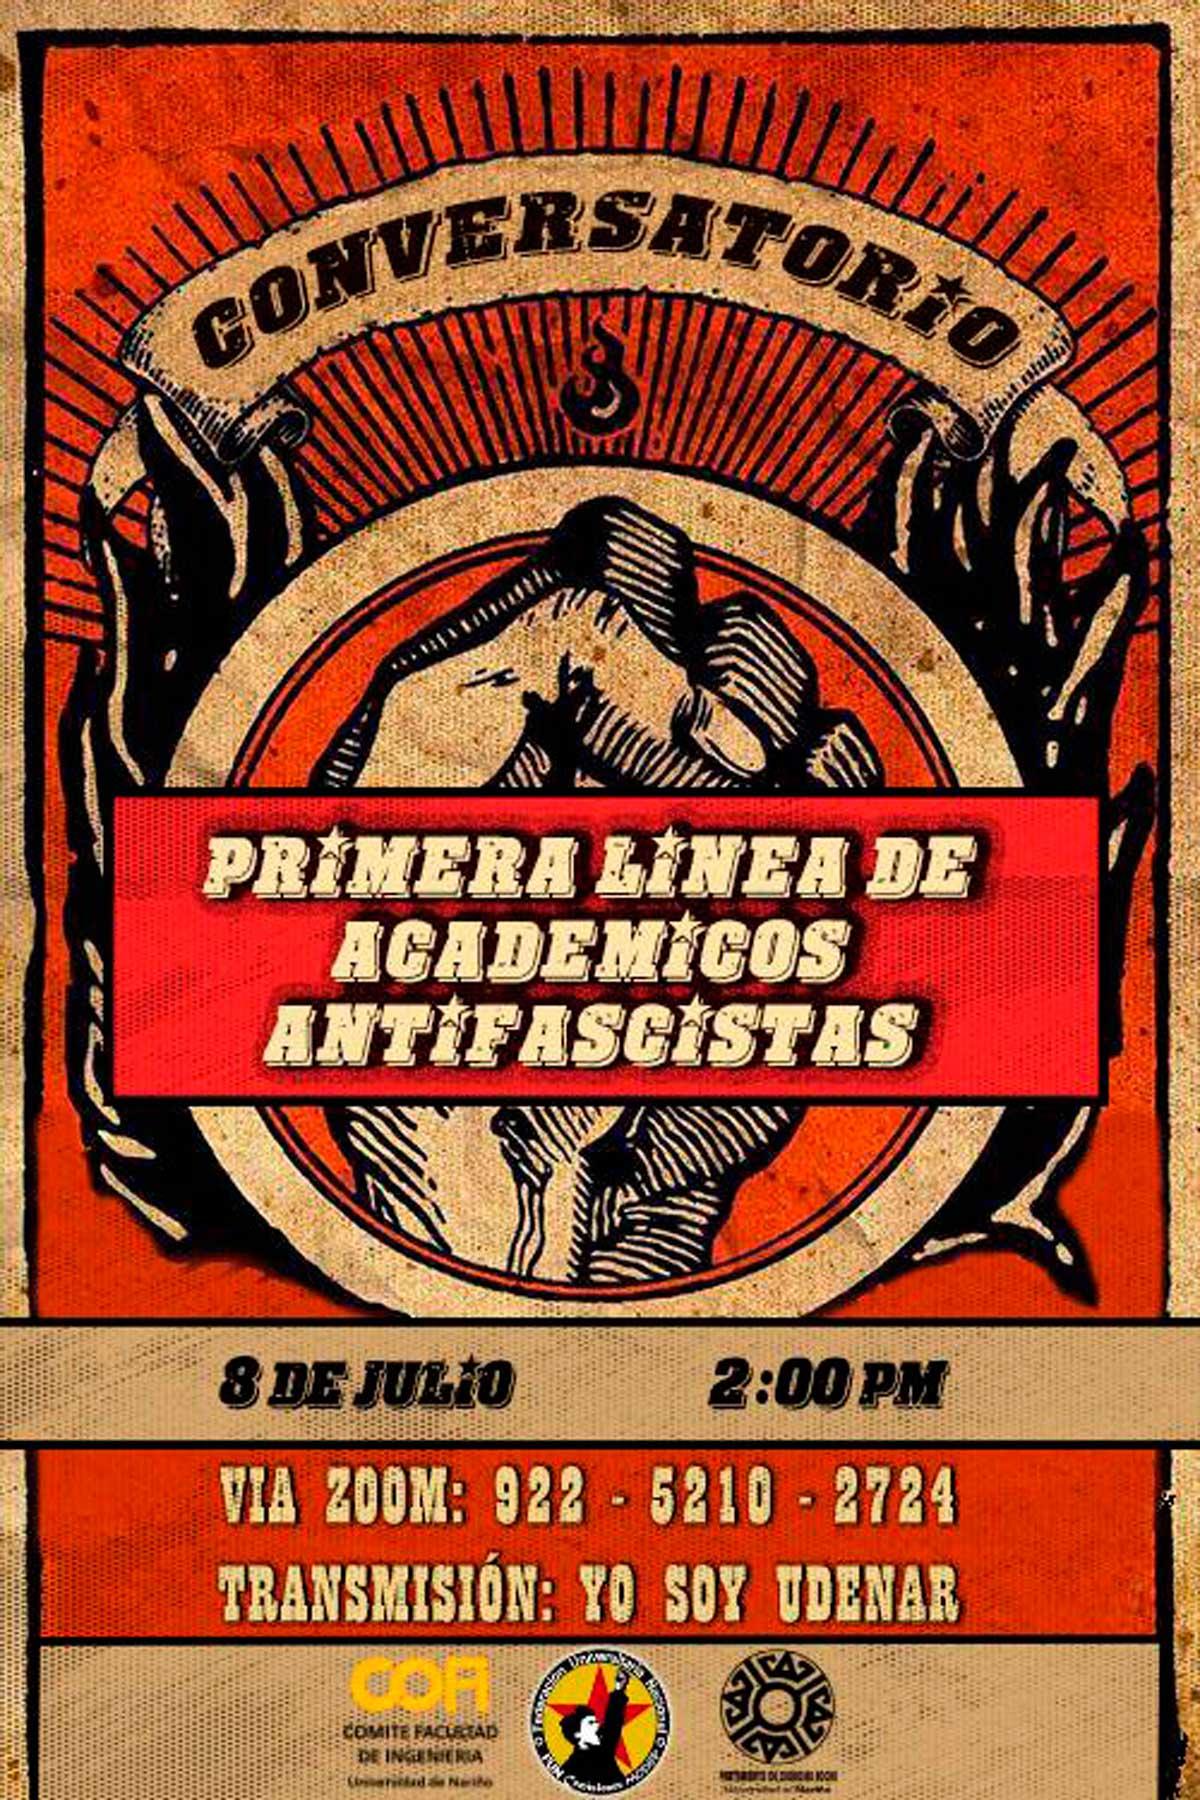 """Comunicación simbólica del conversatorio """"Primera Línea de Académicos Antifascistas""""."""